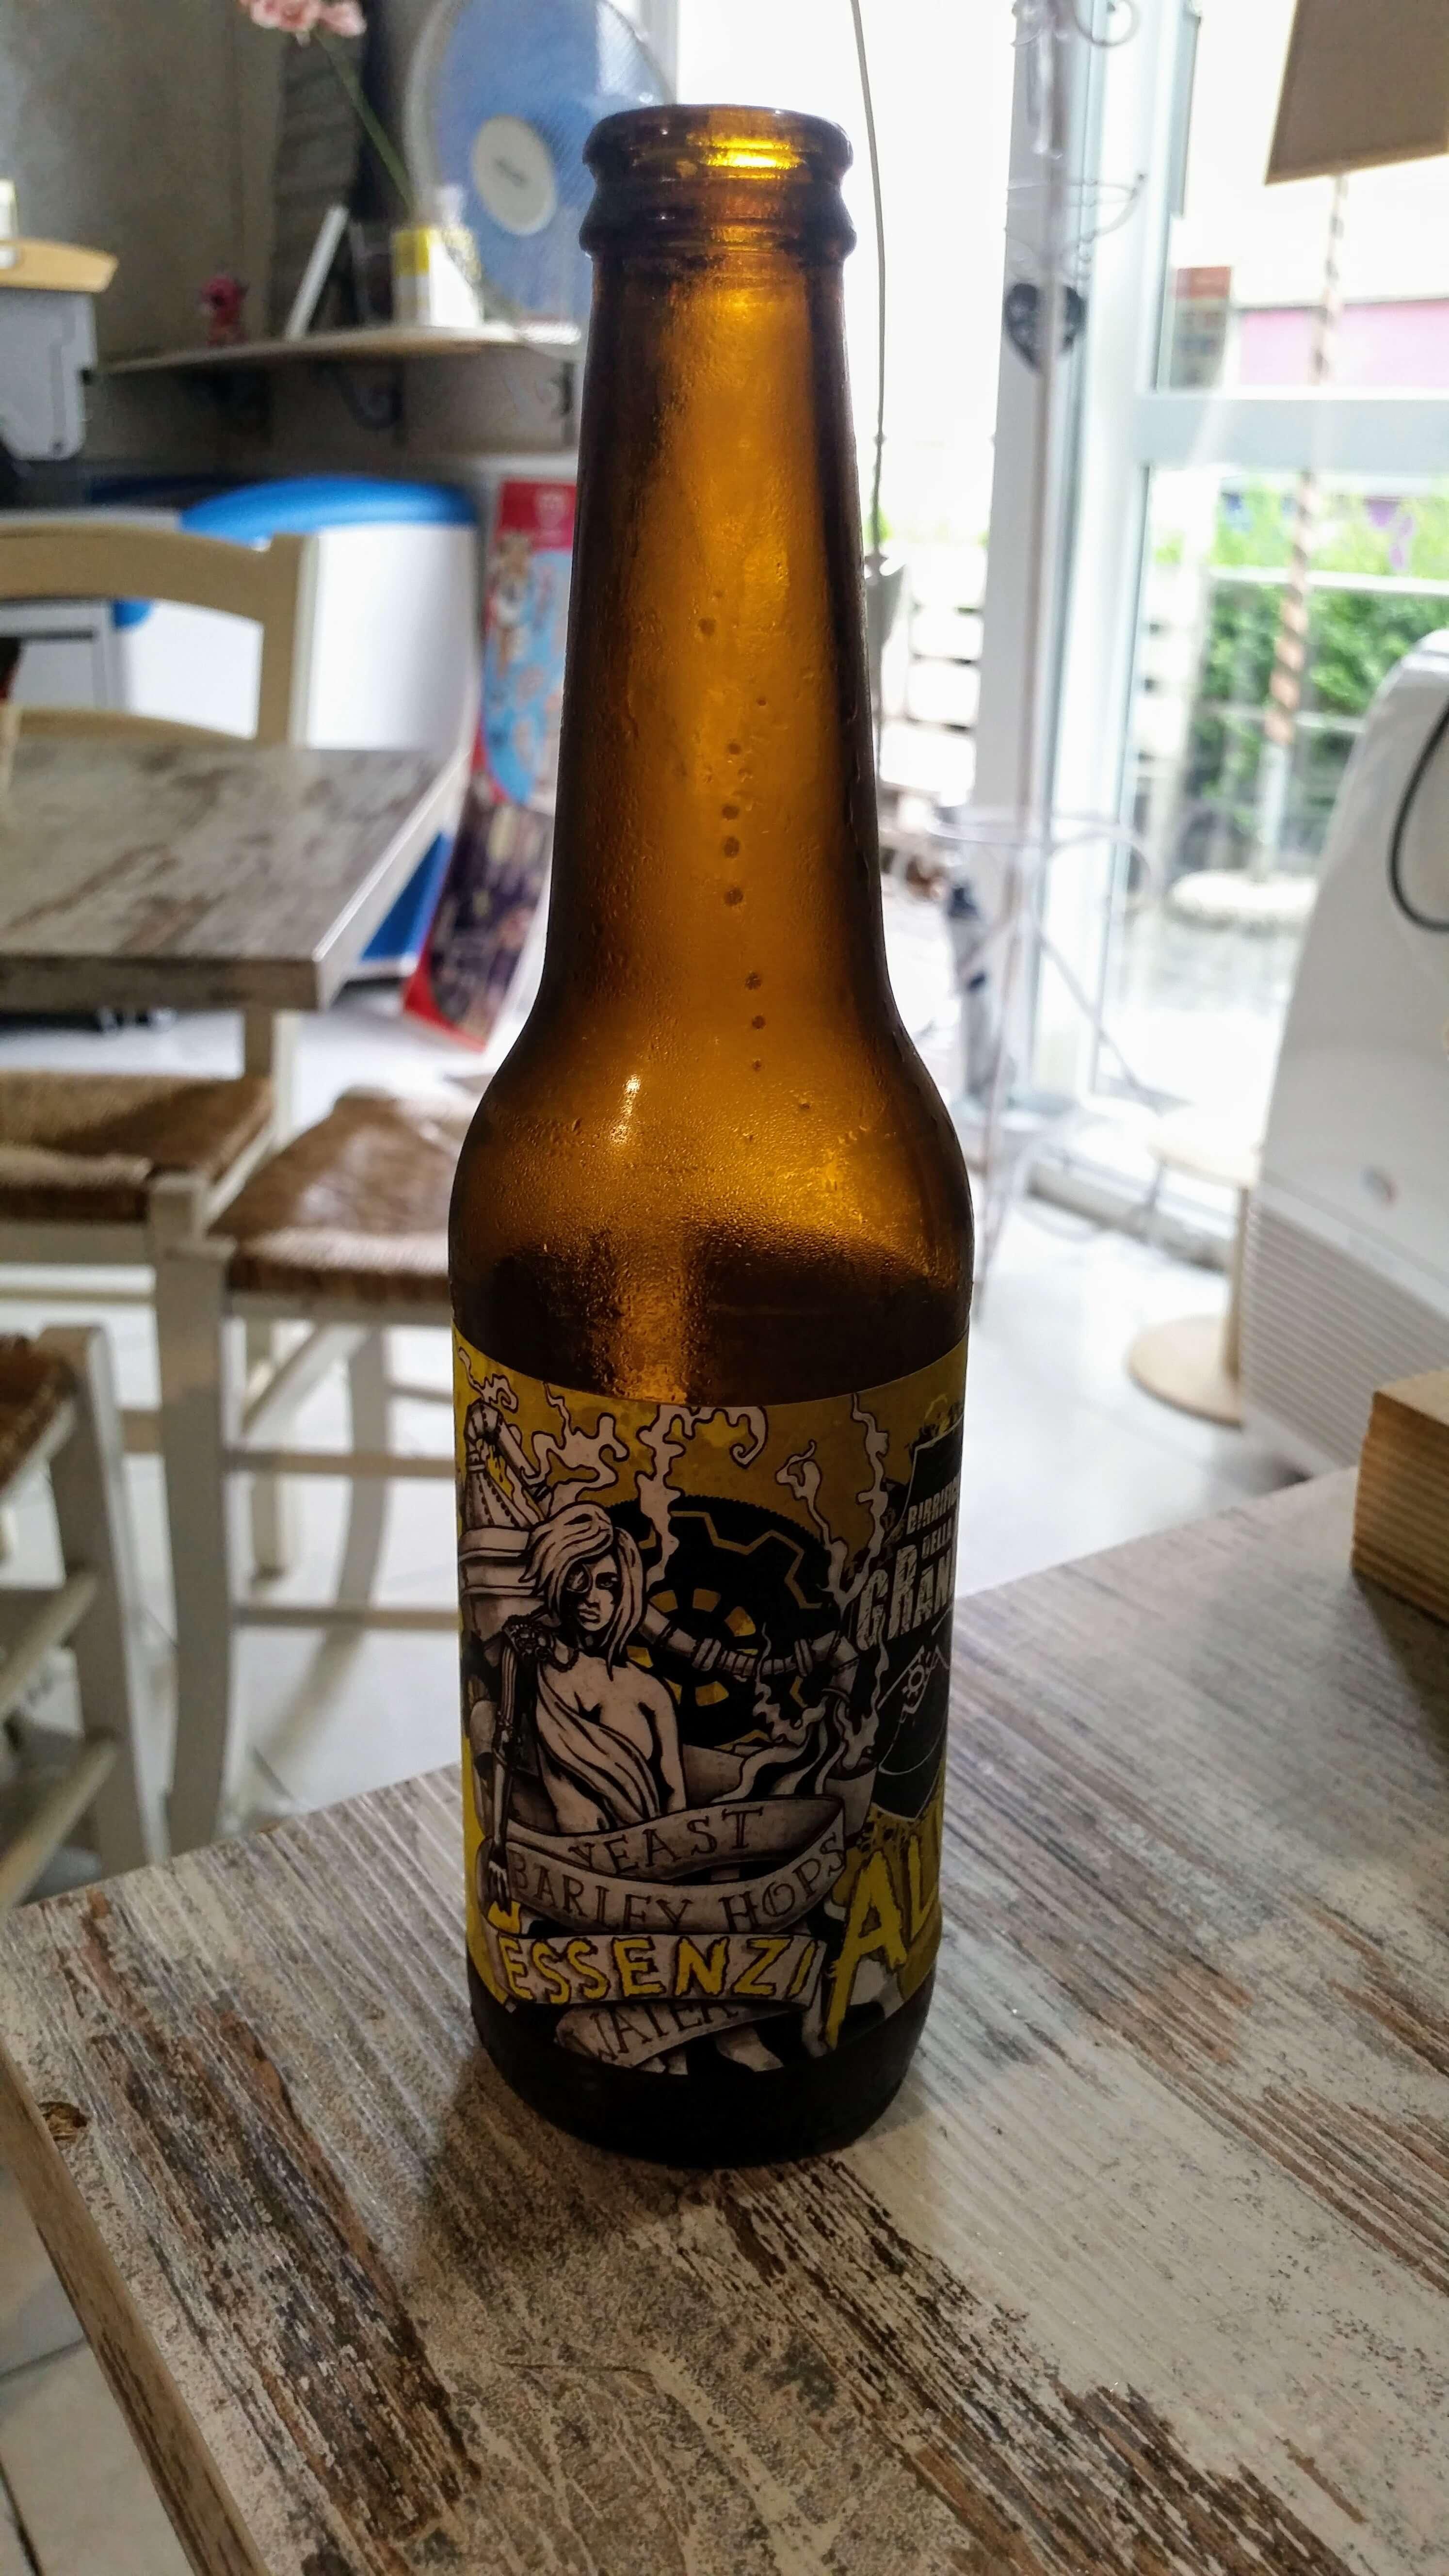 Birrificio della Granda EssenziAle American Pale Ale